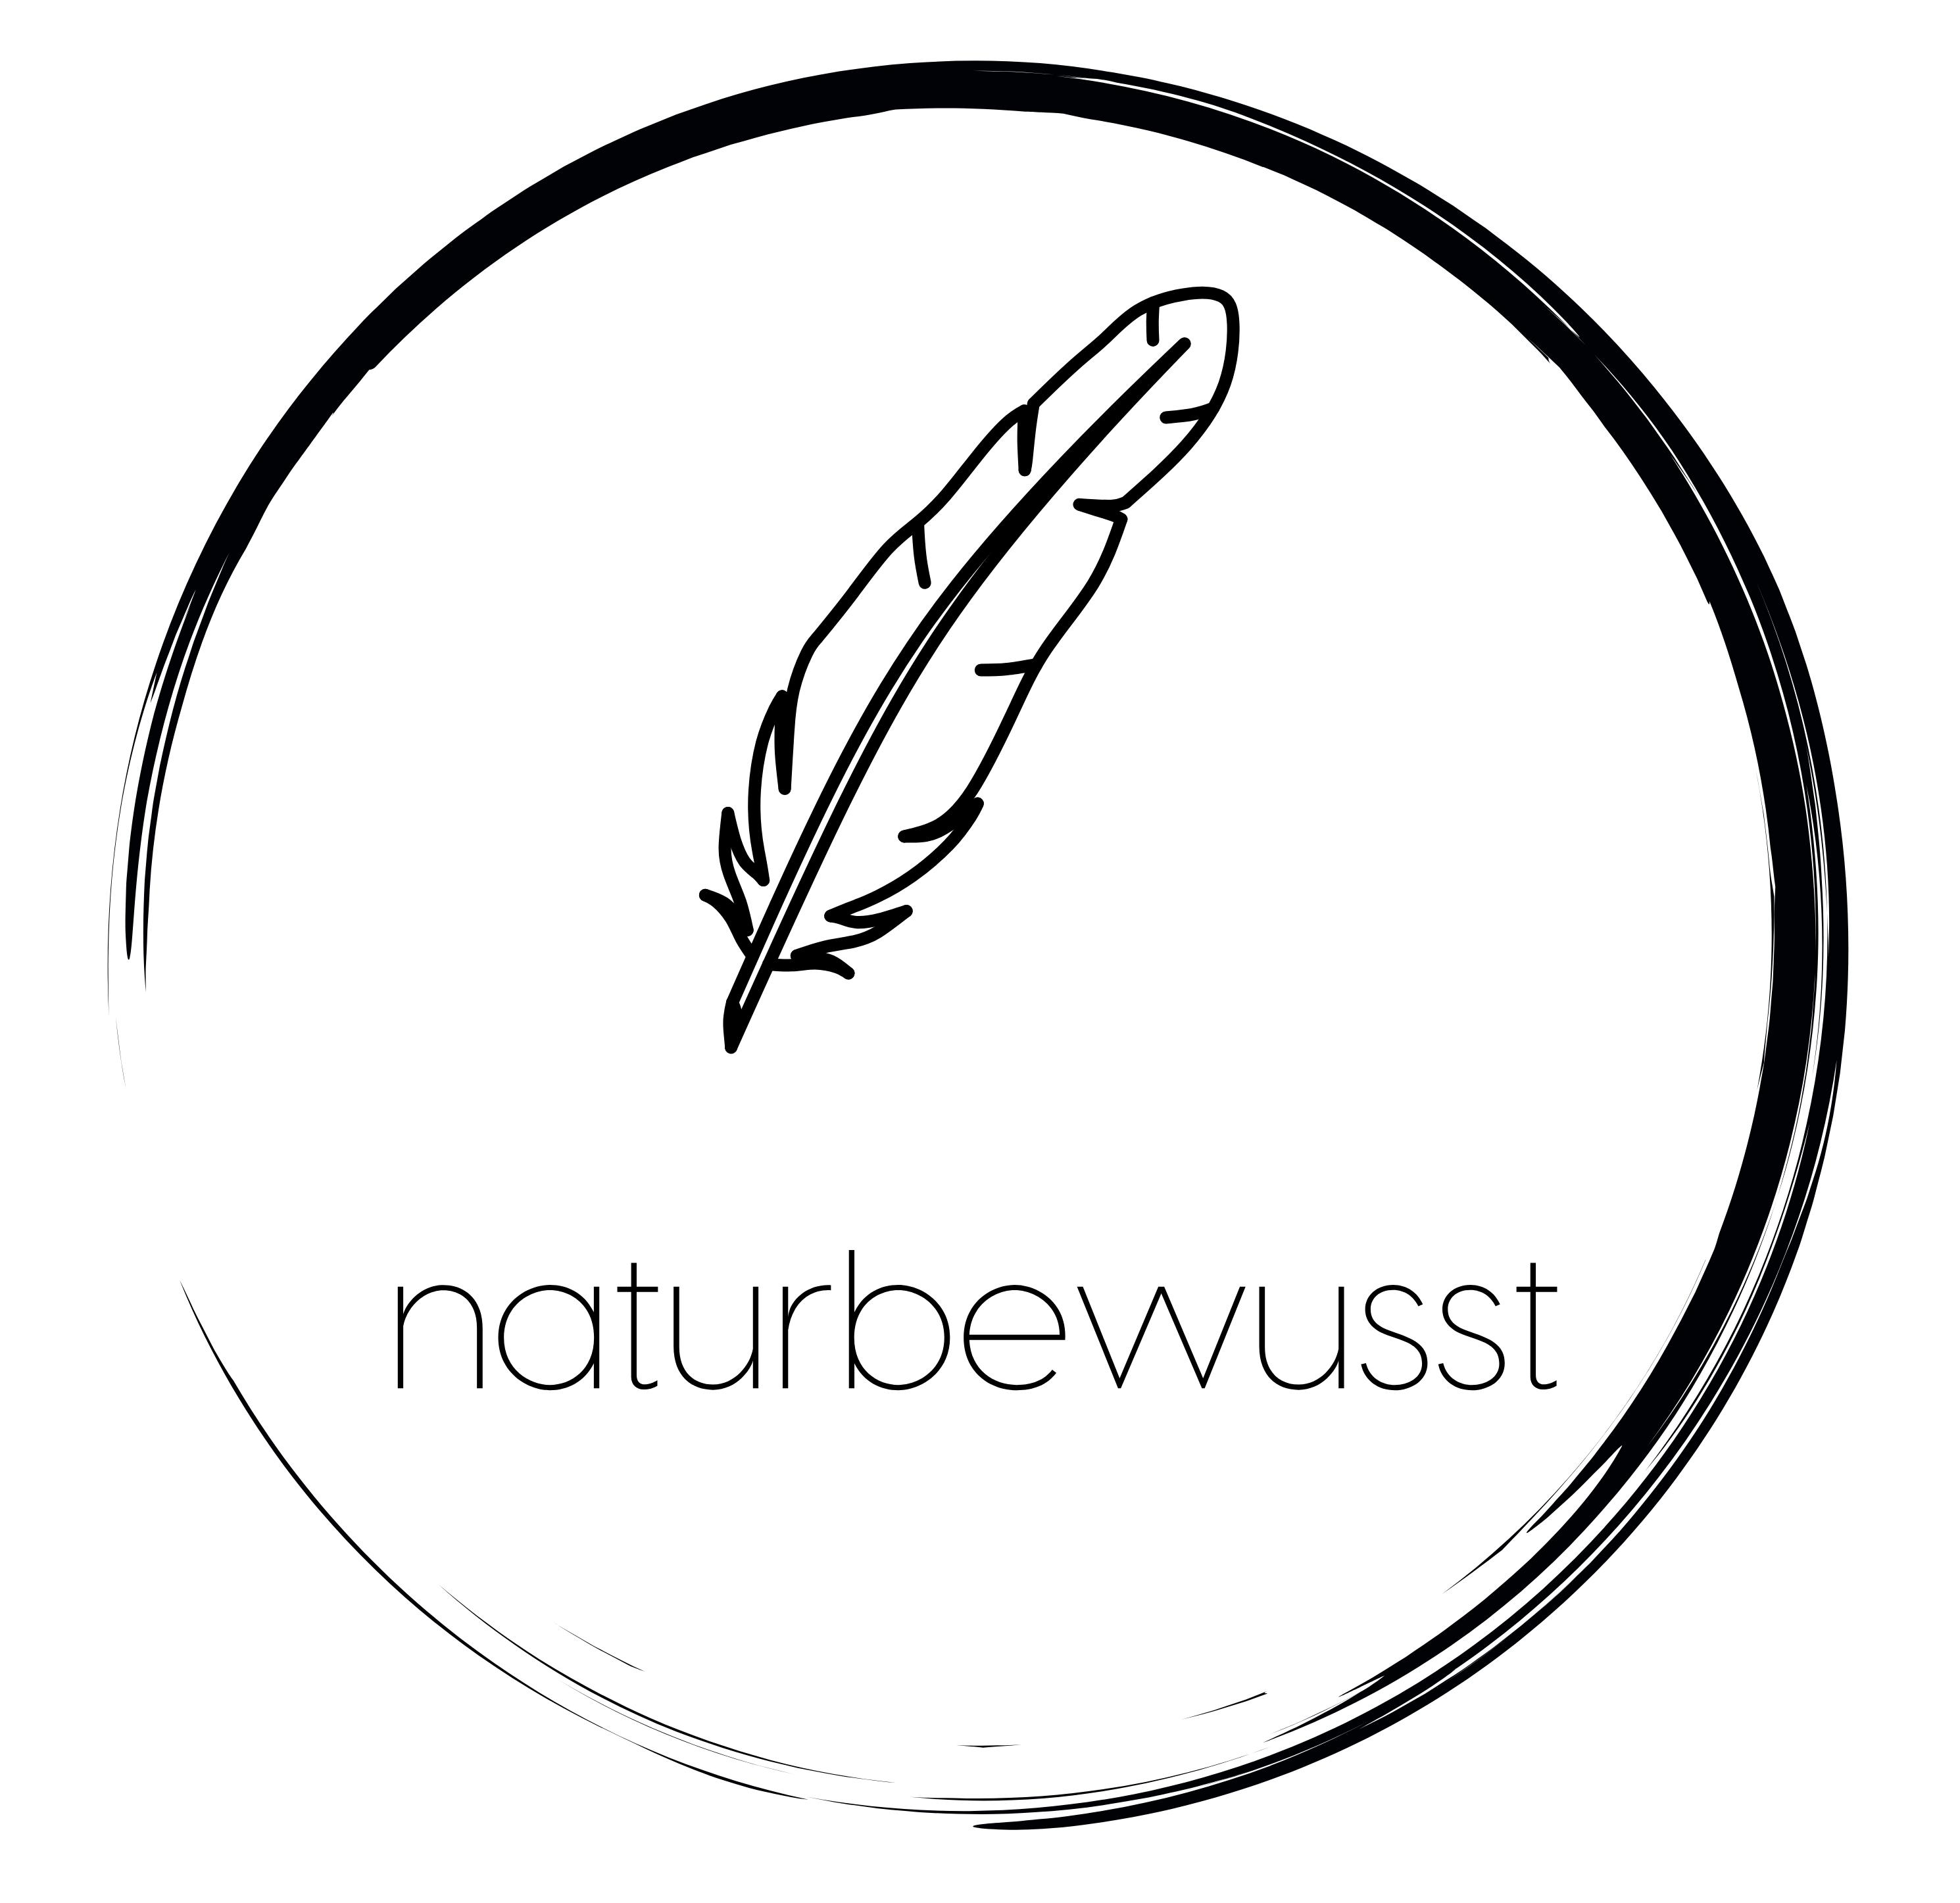 naturbewusst